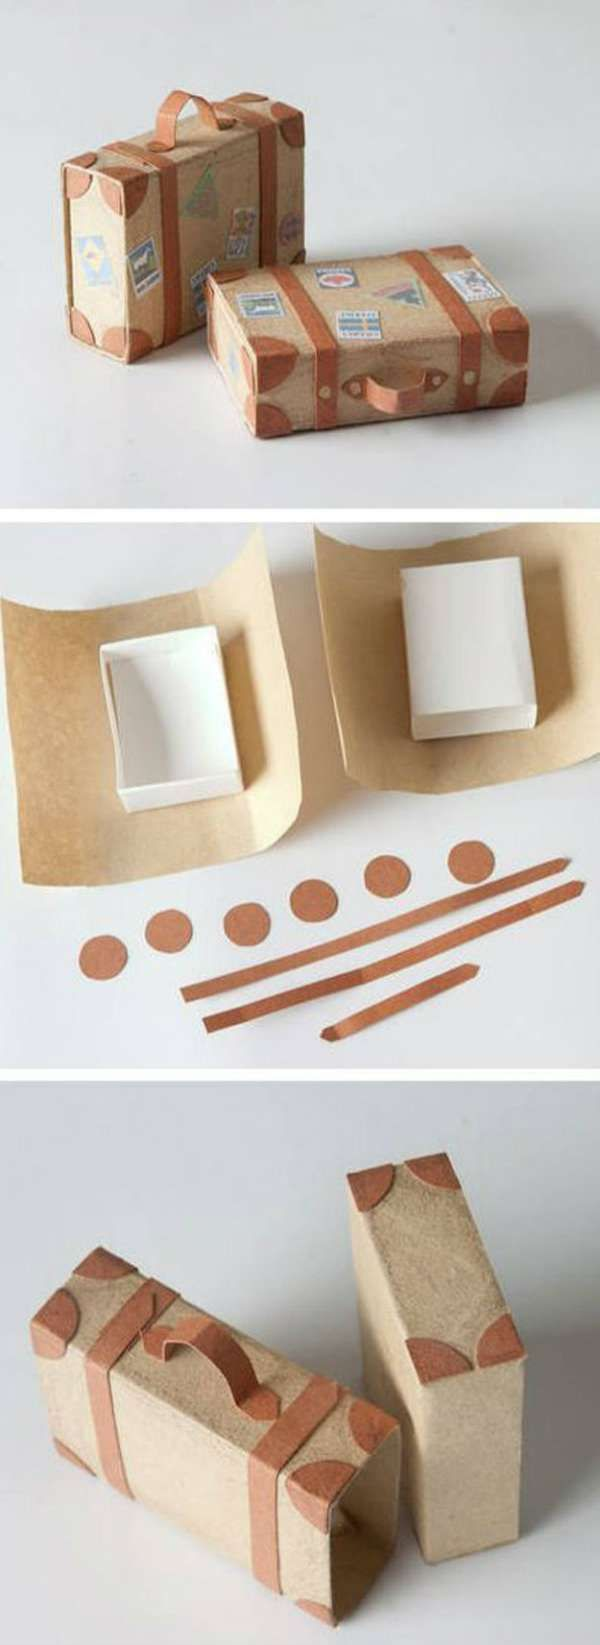 Boites d'allumettes déguisées en valises.  19 idées originales d'emballages cadeaux à faire soi-même